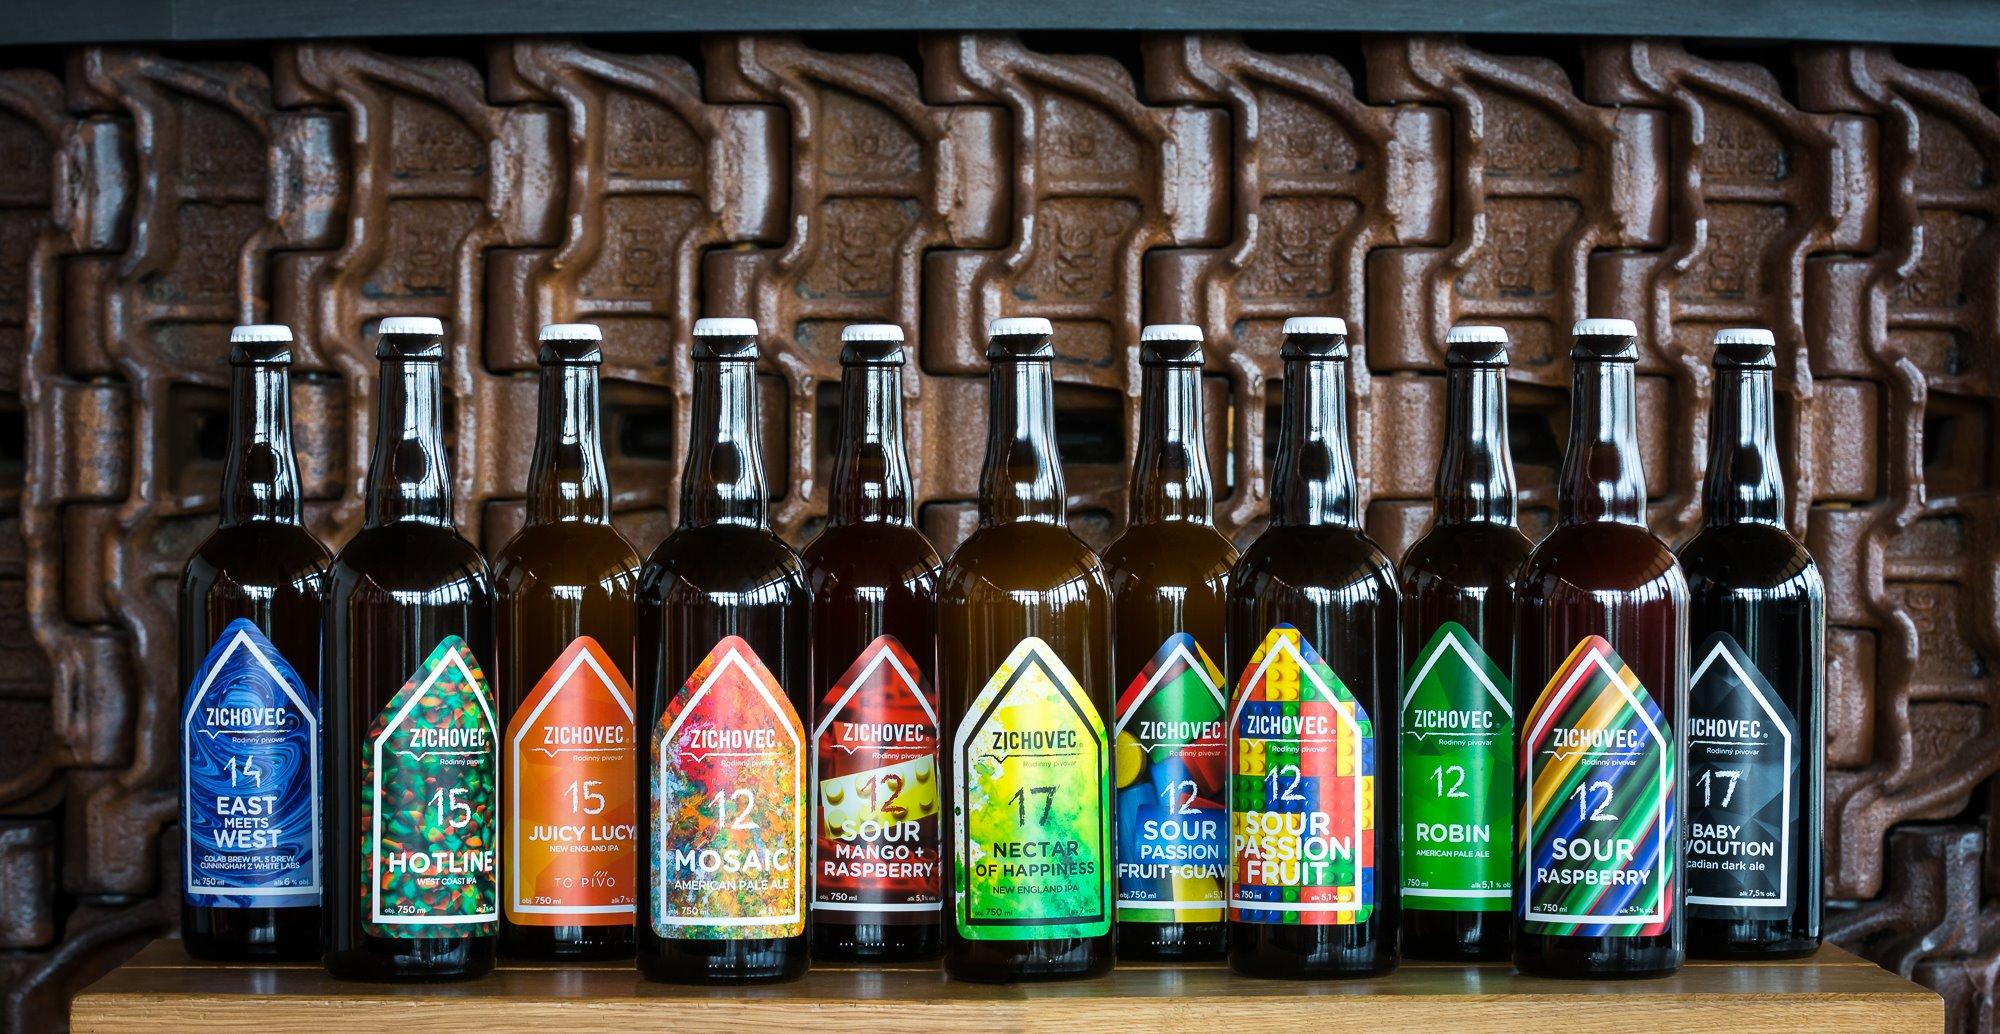 Menší pivovary řeší krizi. Primátor omezil výrobu, Zichovec rozváží pivo lidem